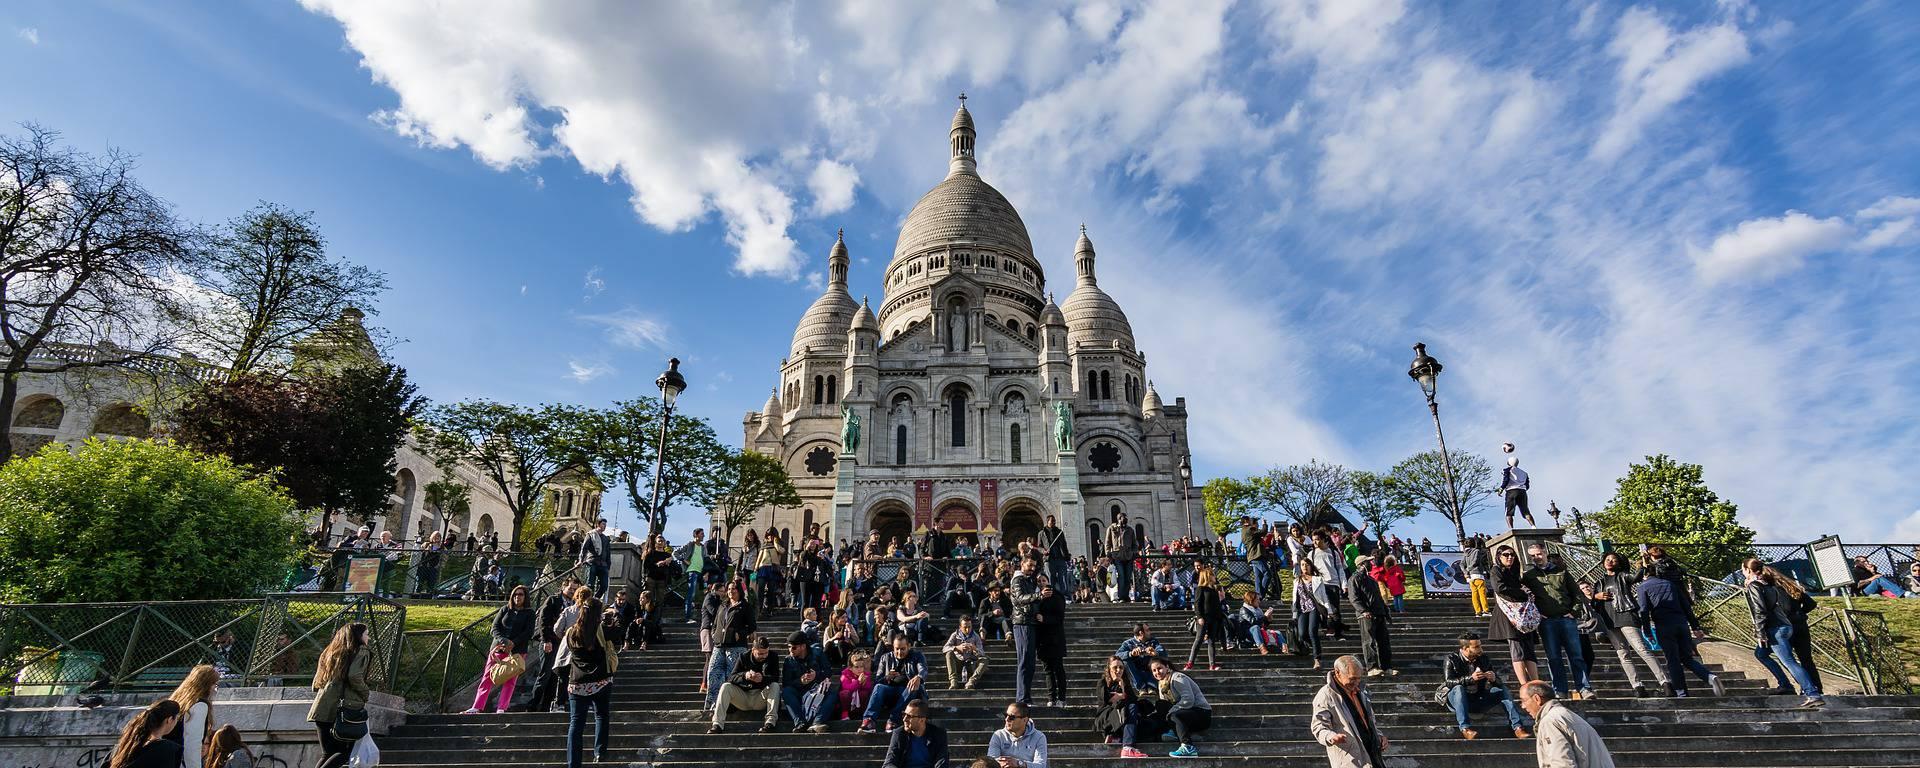 Montmartre © Pixabay